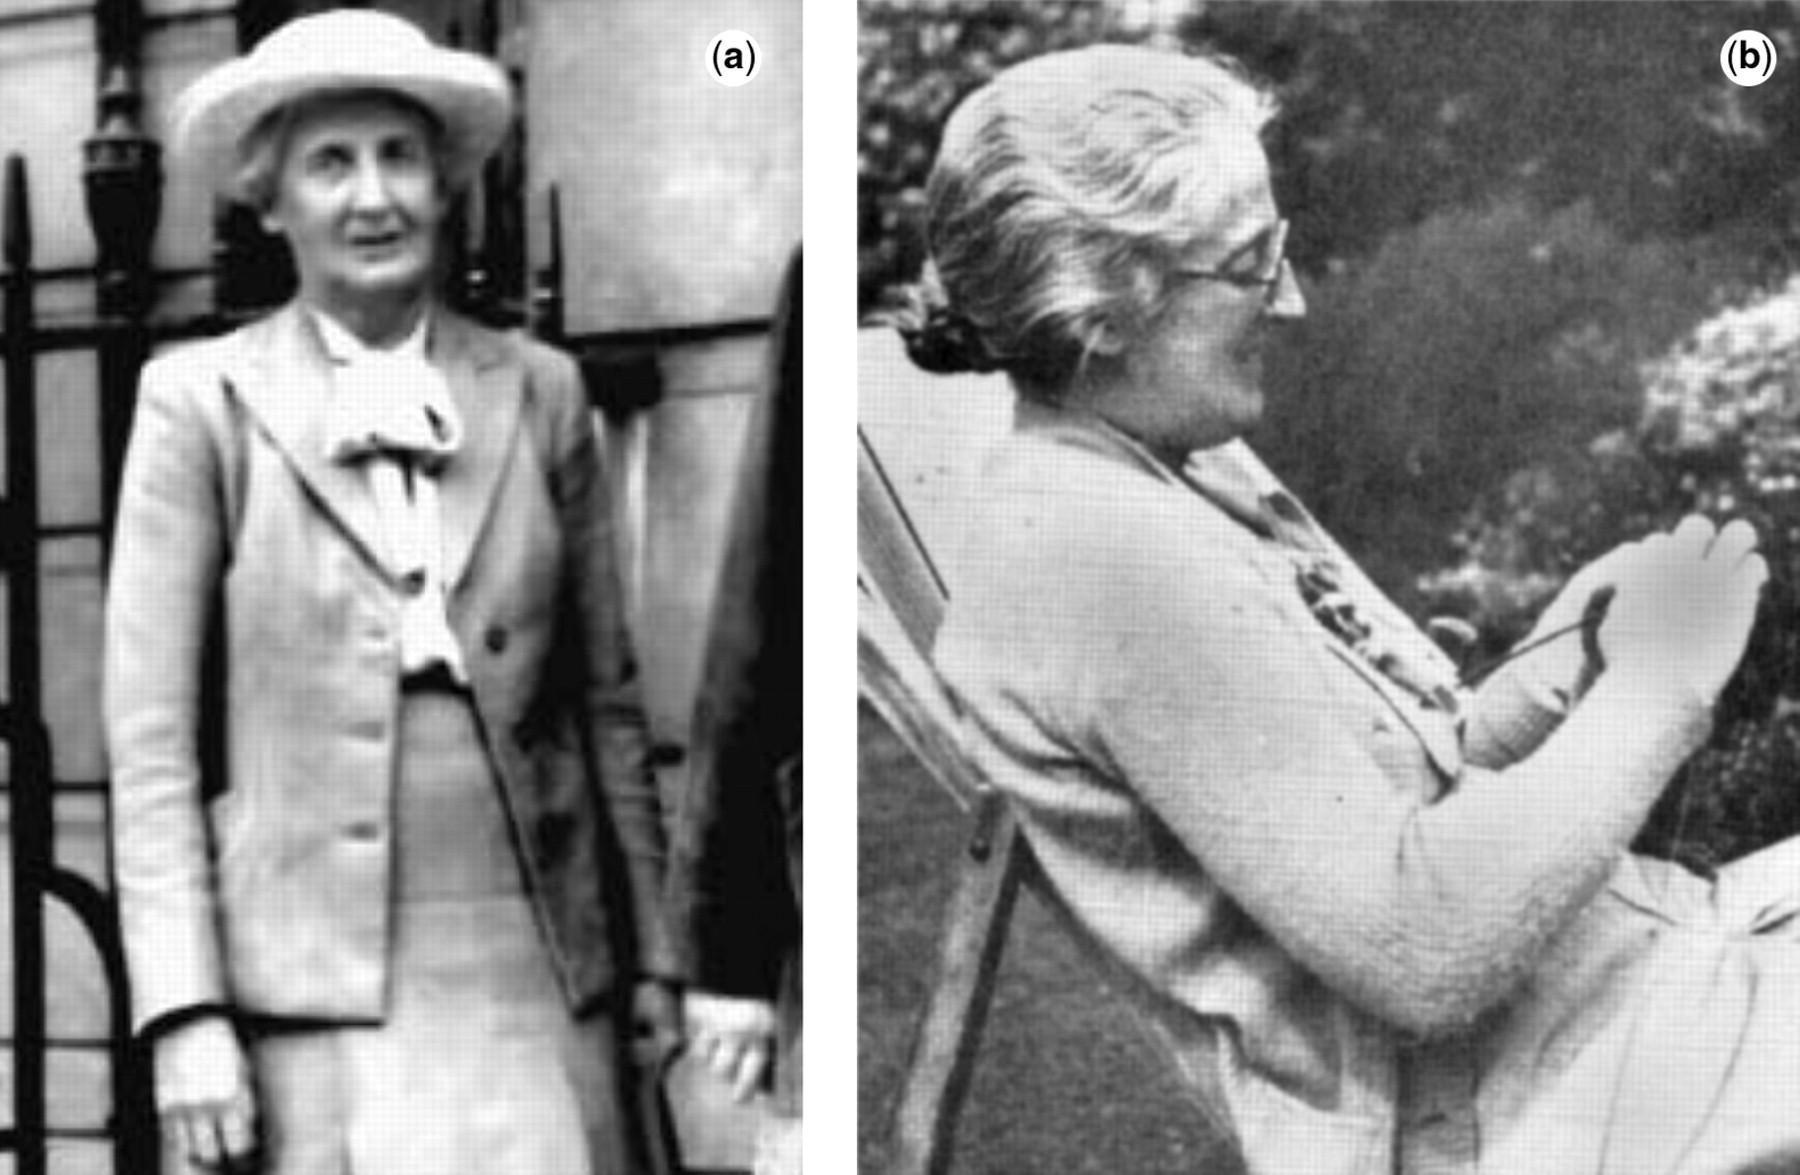 Lucy Wills – Nhà nghiên cứu thay đổi cách chăm sóc tiền sản ở phụ nữ được Google kỷ niệm 131 năm ngày sinh - Ảnh 2.